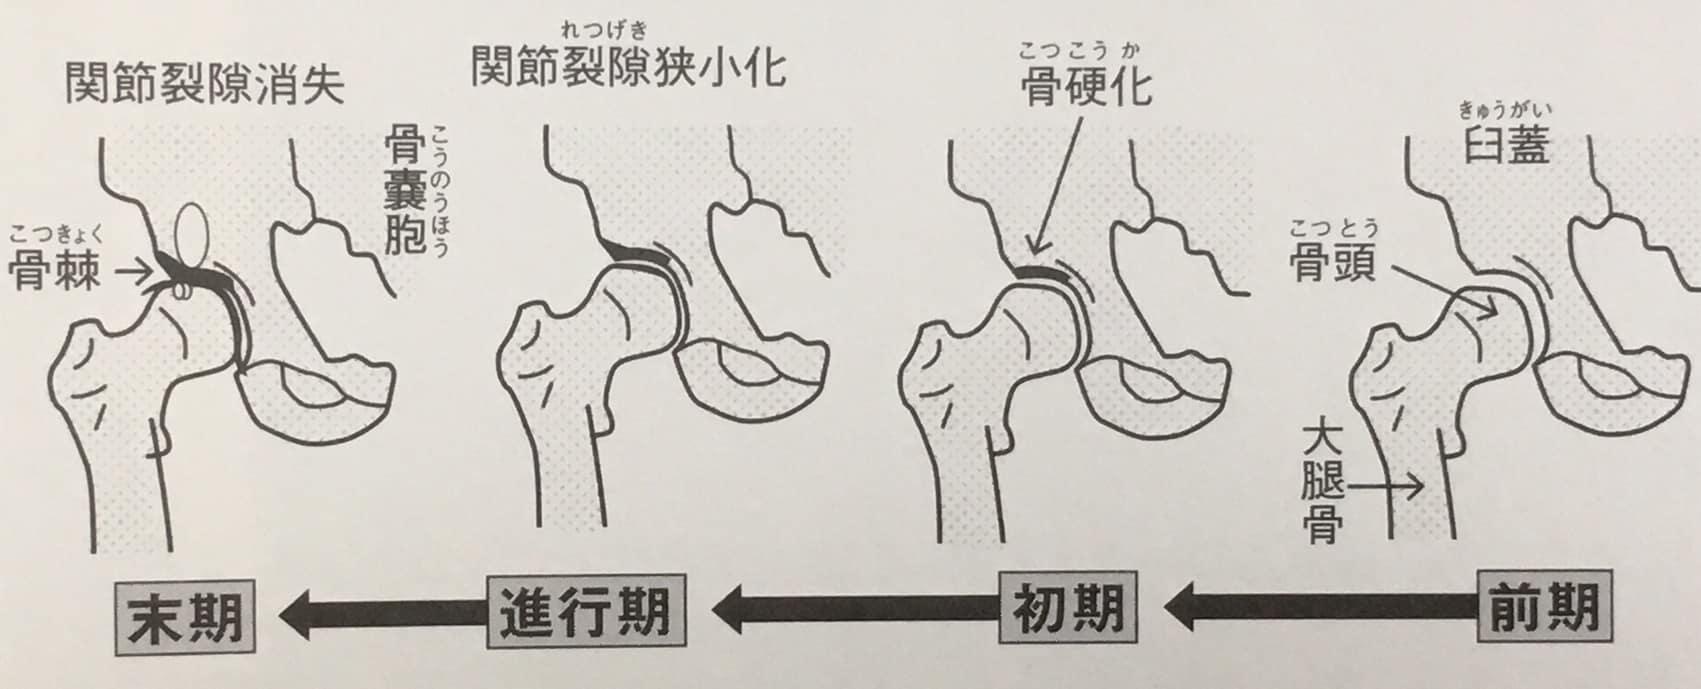 変股症の一般的な病期